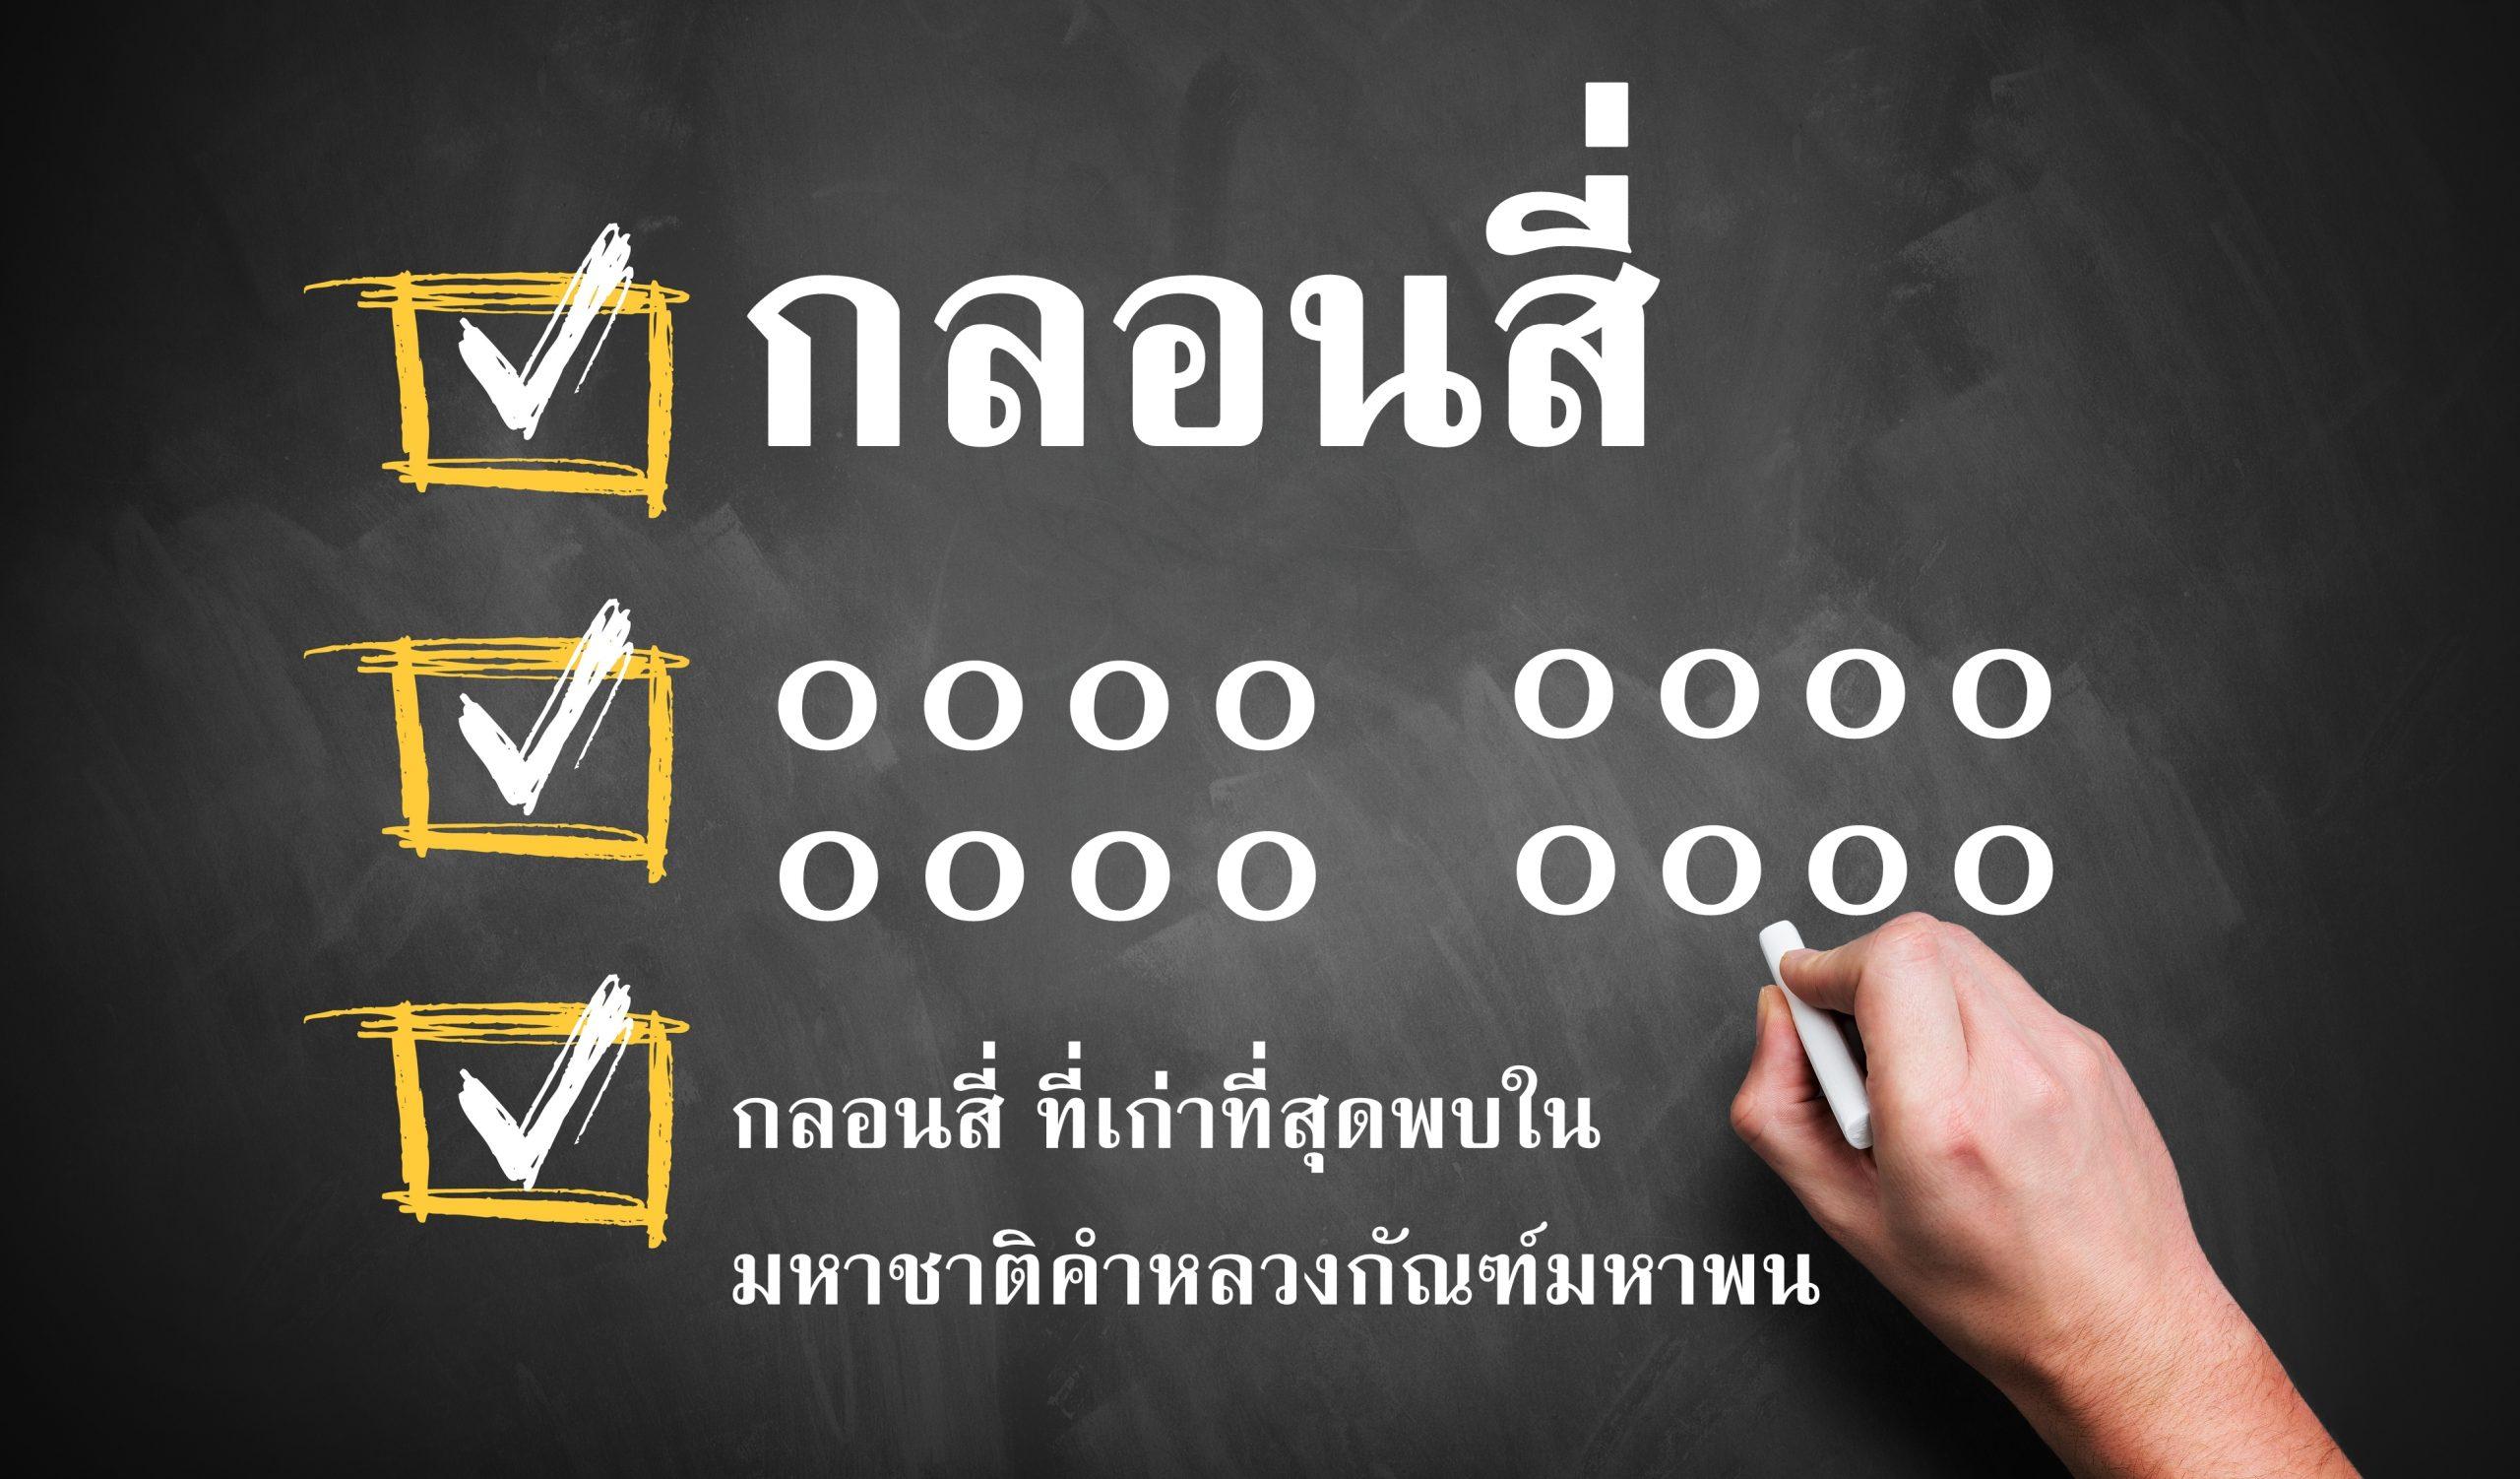 กลอน 4 กลอนสี่ การแต่งกลอน ภาษาไทย มหาชาติคำหลวงกัณฑ์มหาพน วรรคดีไทย เรื่องน่ารู้ แต่งกลอน